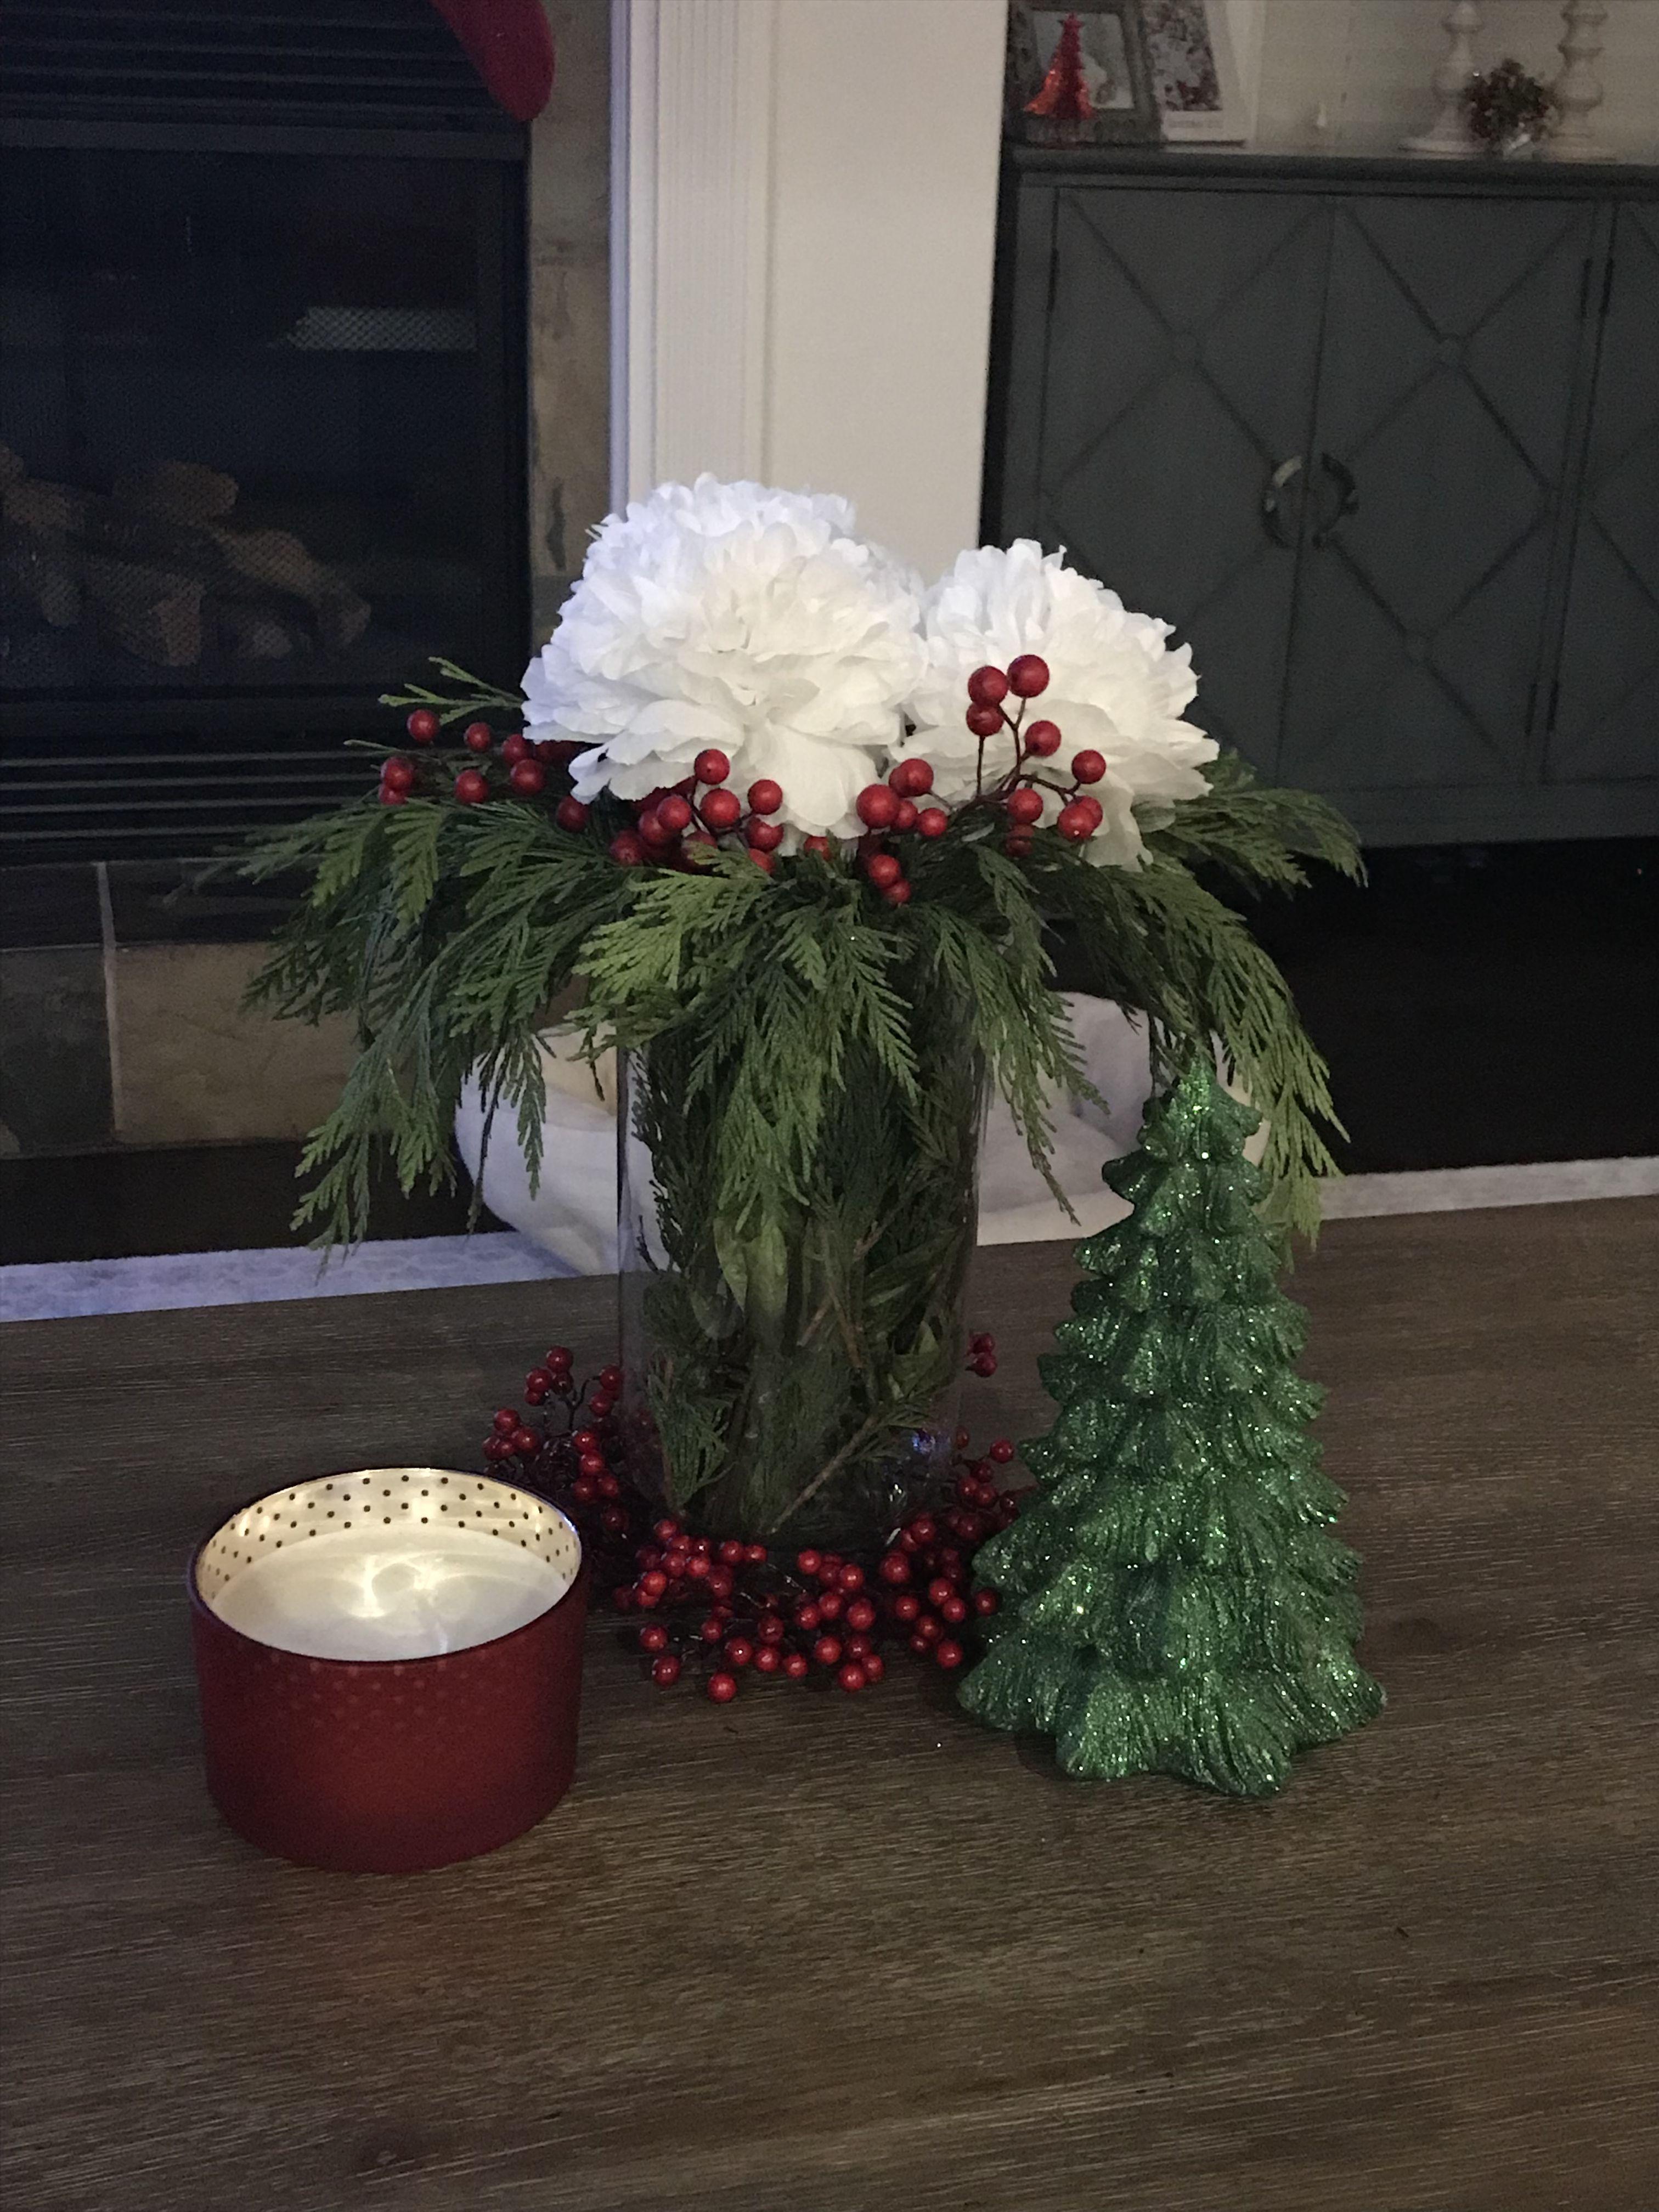 Coffee table Christmas 2018 | Christmas decorations ...